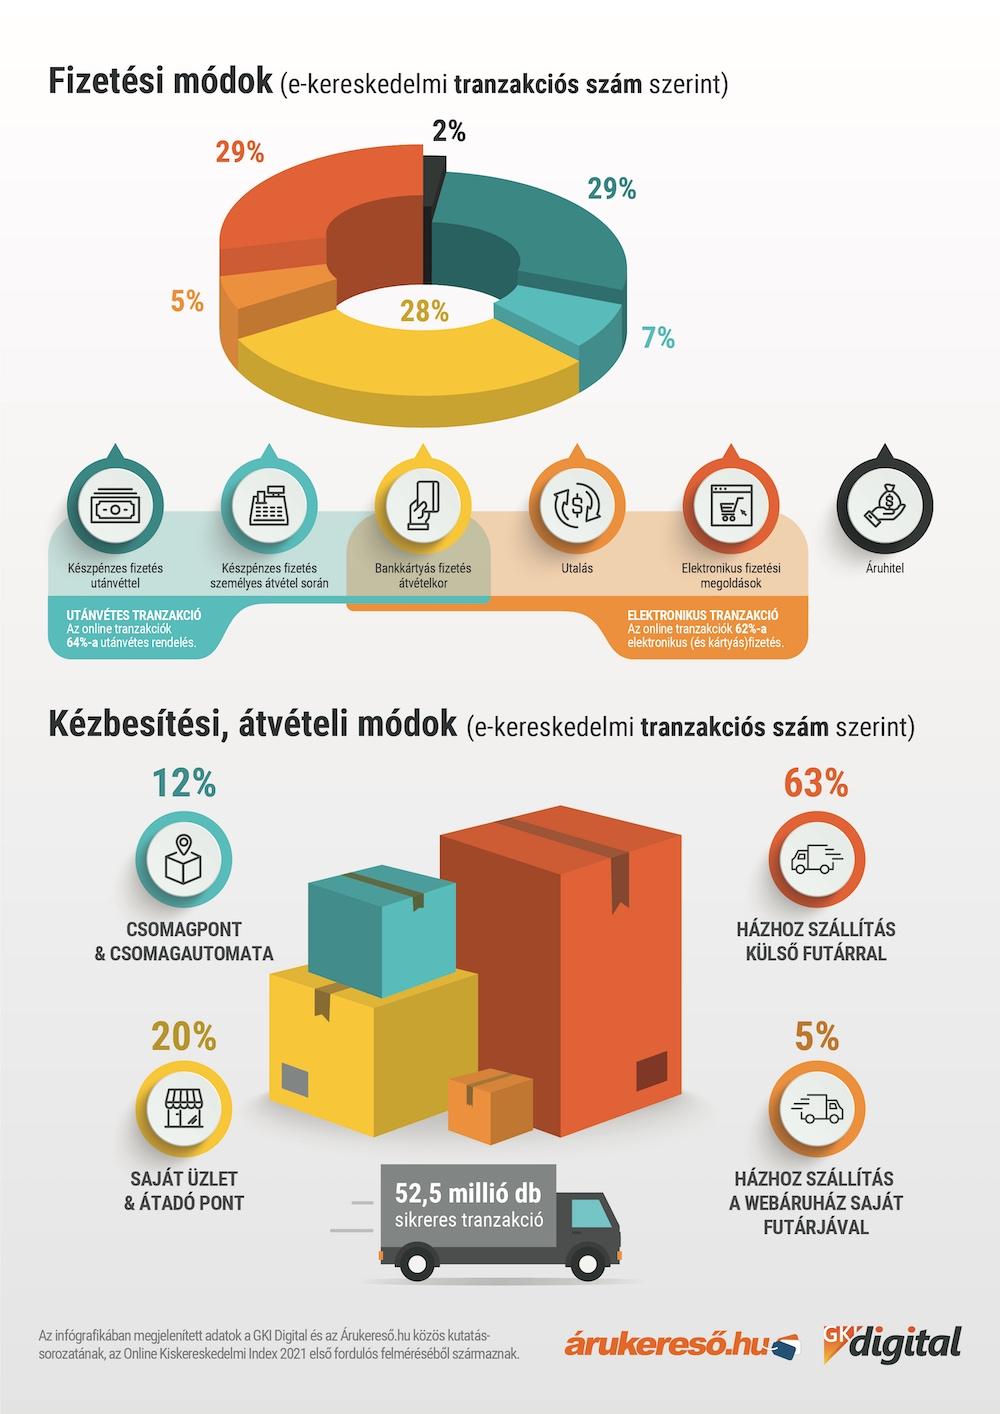 GKI Digital: 2020-ban három évet ugrott előre az e-kereskedelem